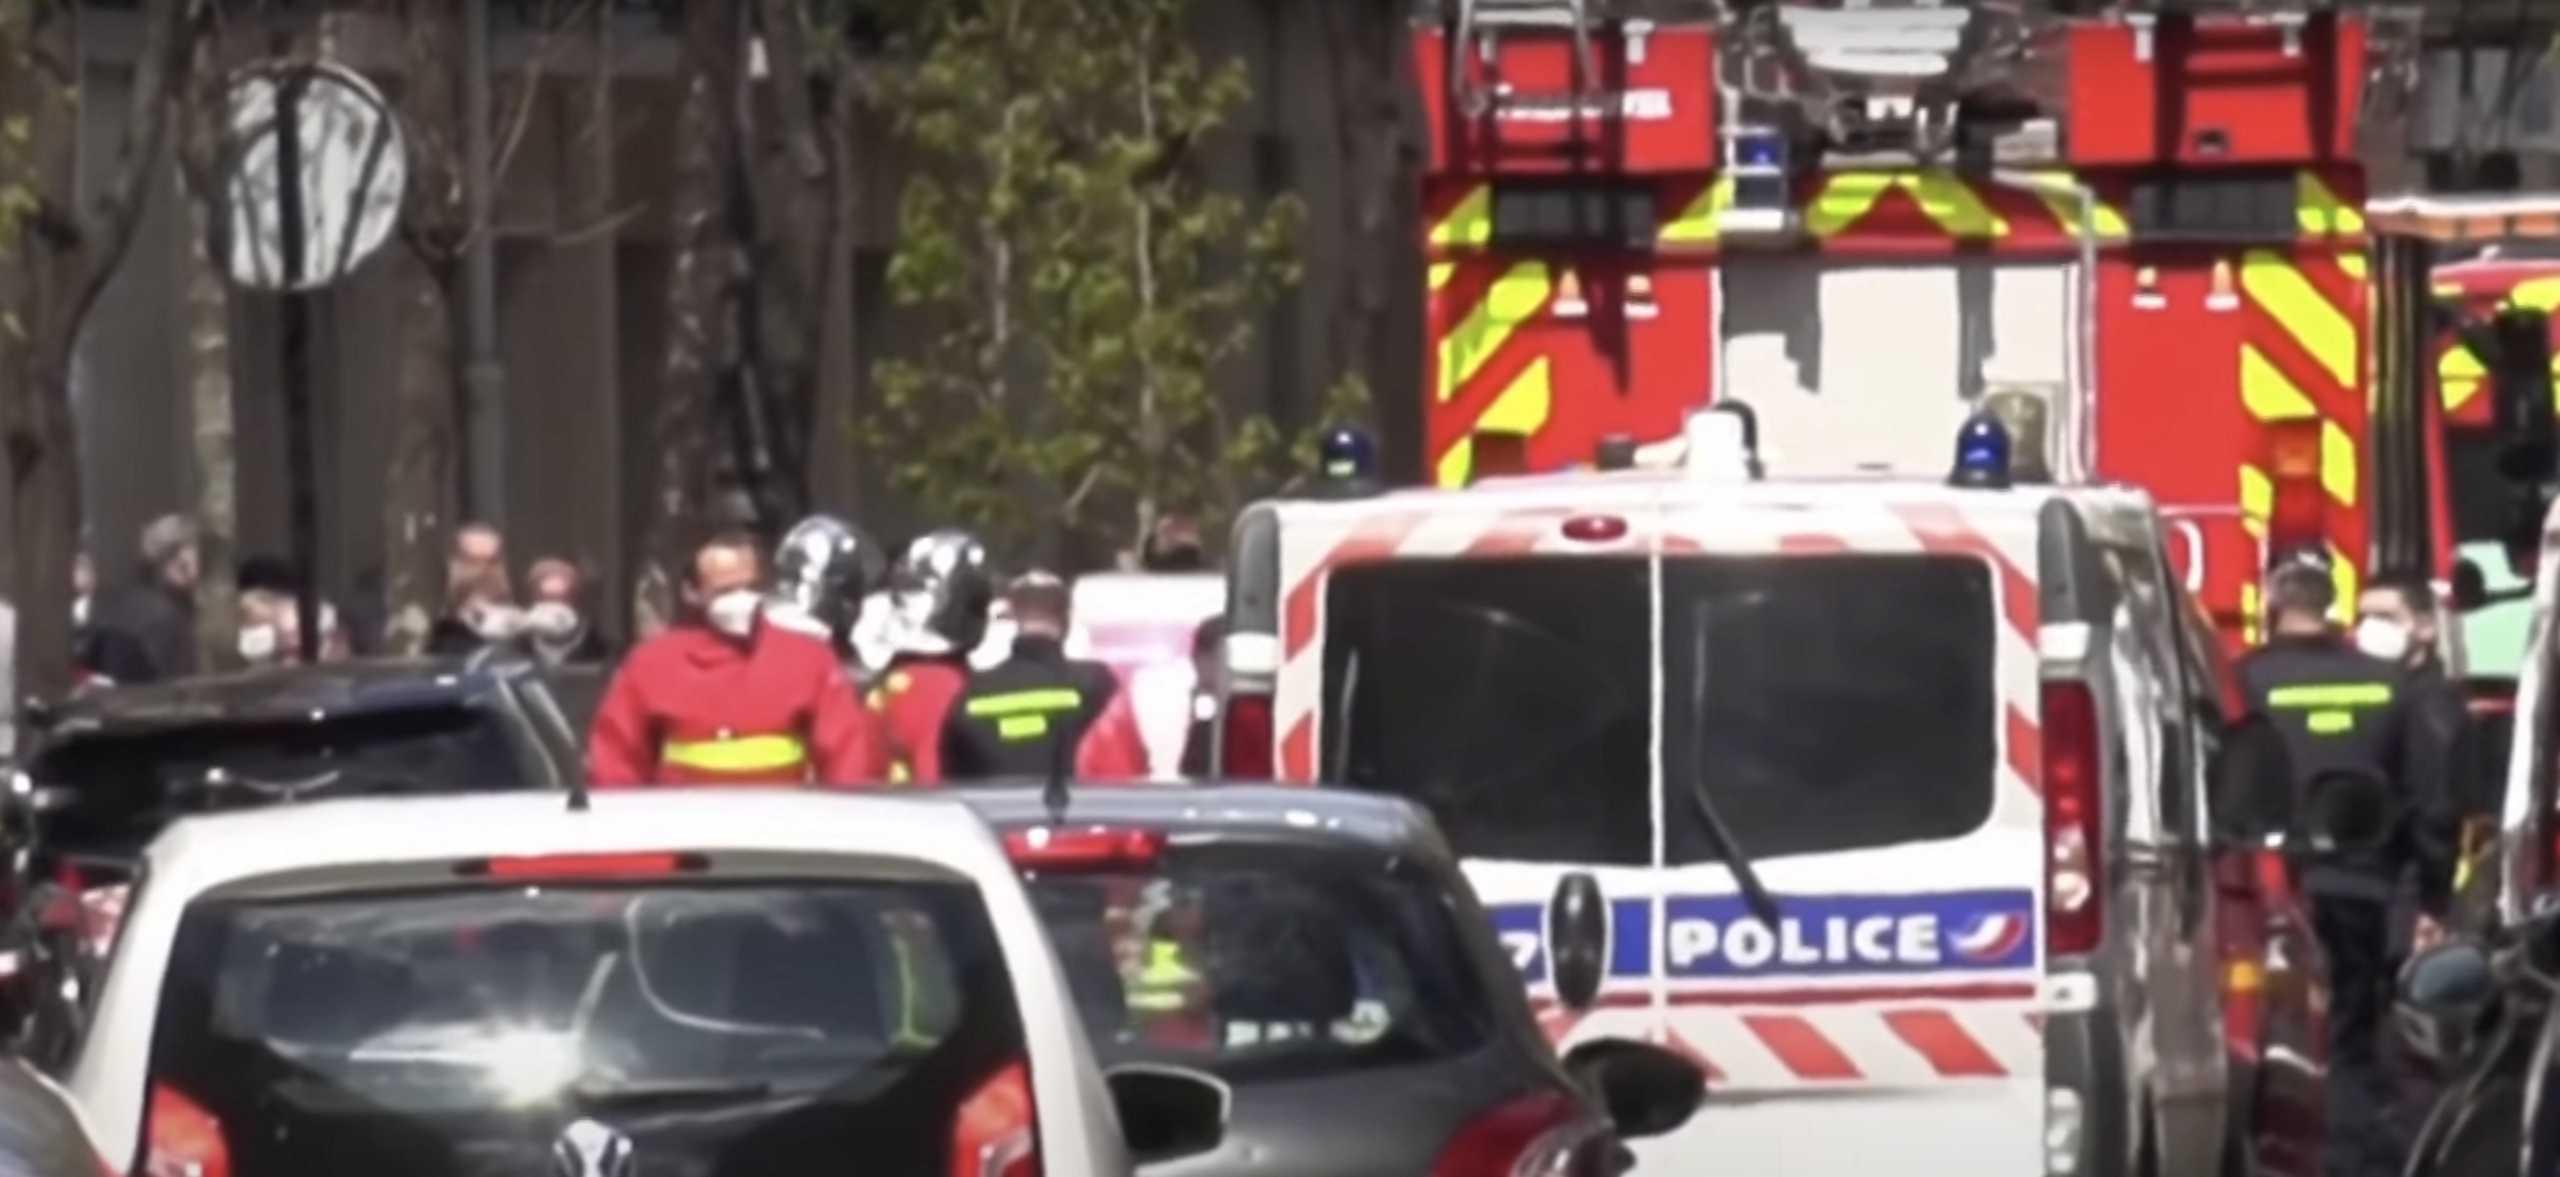 Γαλλία: Ανθρωποκυνηγητό για να βρεθεί ο απόστρατος που άνοιξε πυρ κατά αστυνομικών